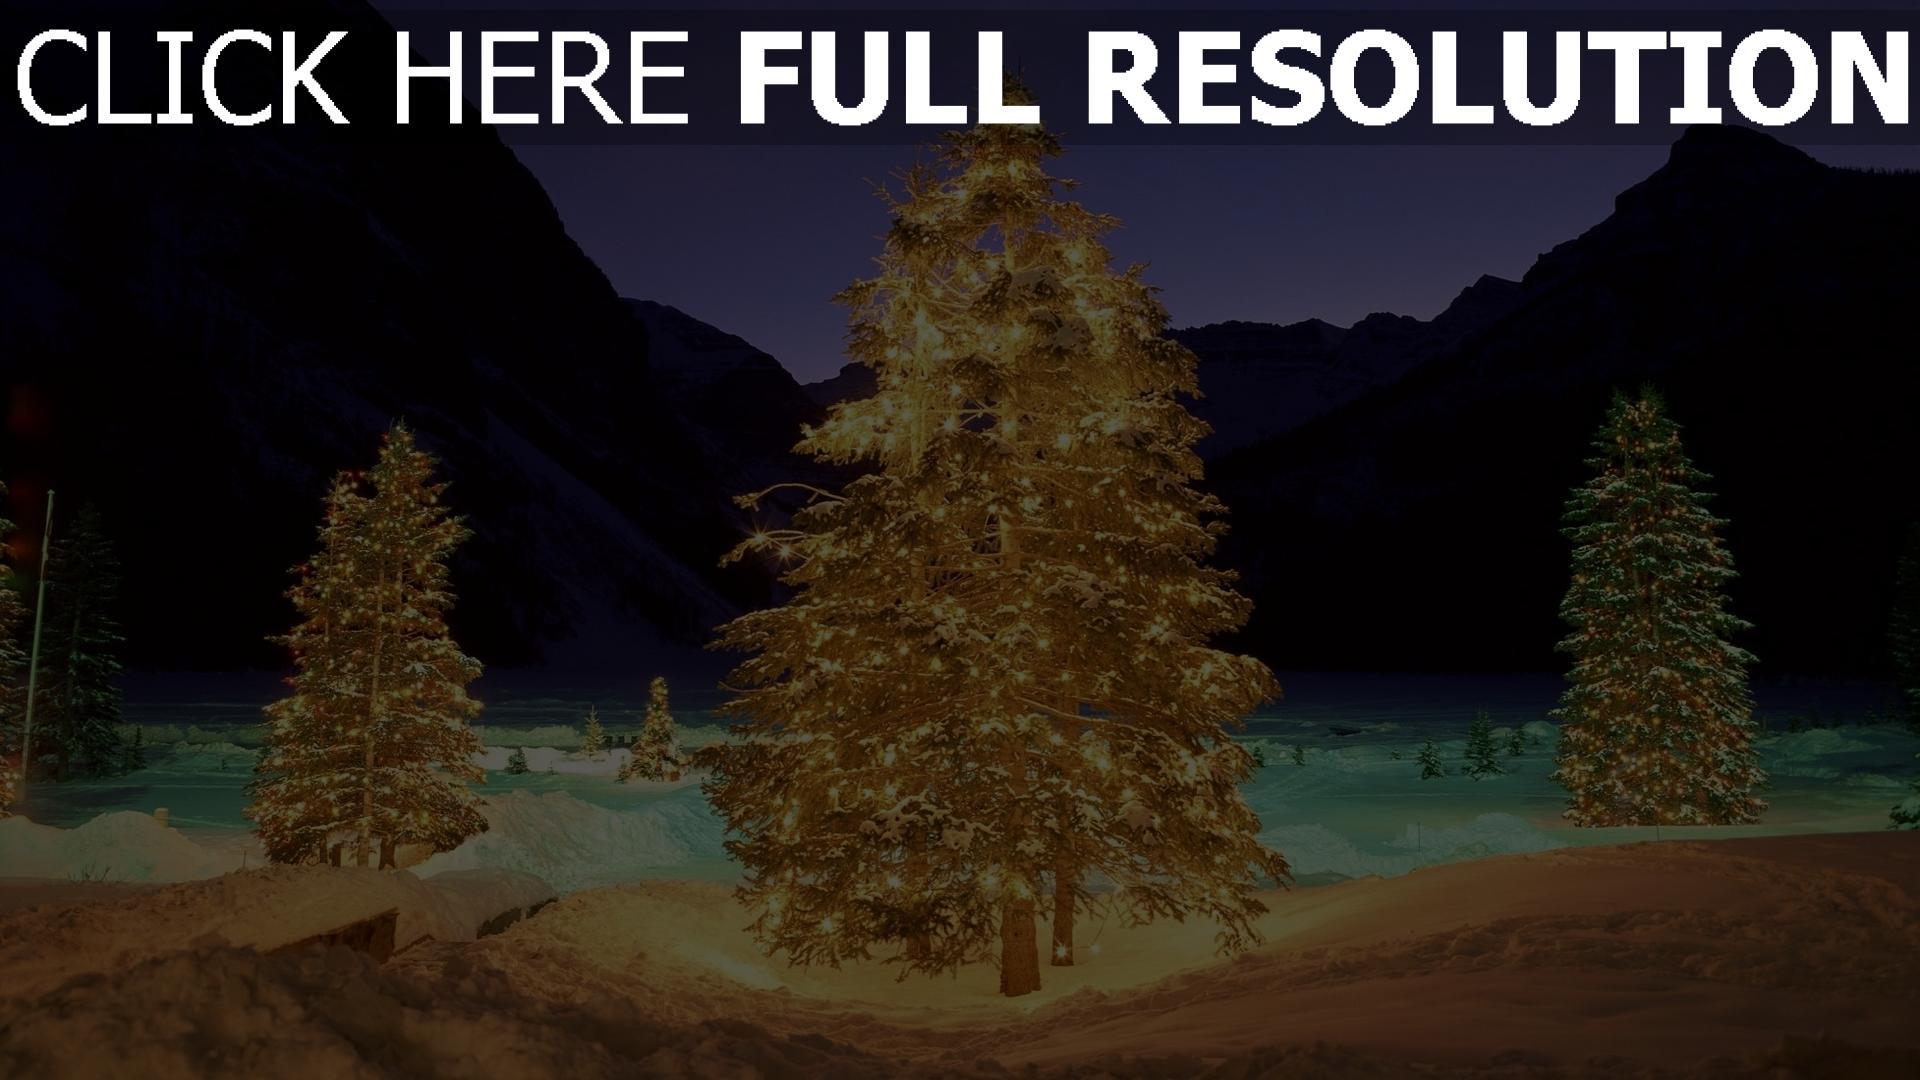 Herunterladen 1920x1080 Full Hd Hintergrundbilder Schnee Winter